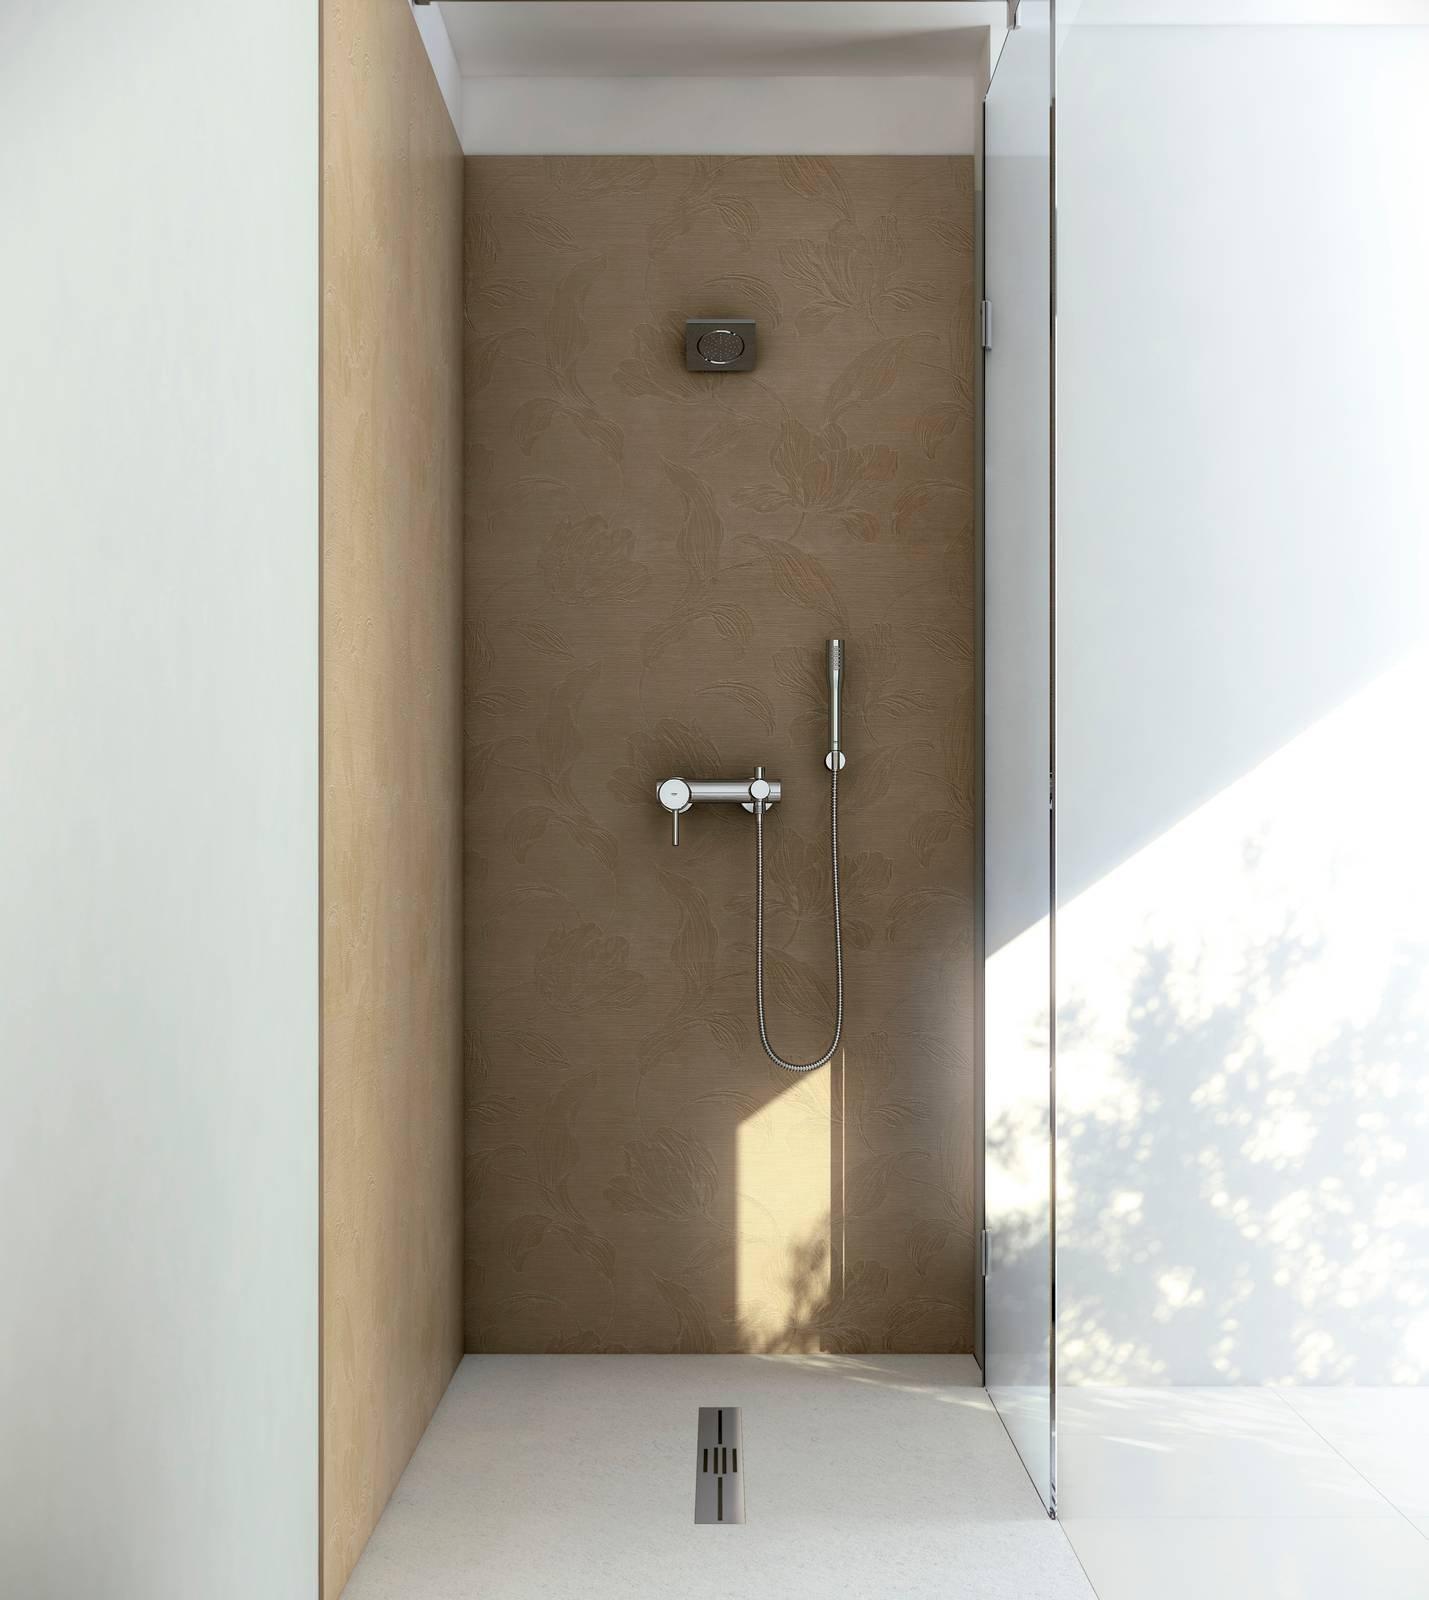 piatto doccia e pannelli decor da mettere anche sulle. Black Bedroom Furniture Sets. Home Design Ideas